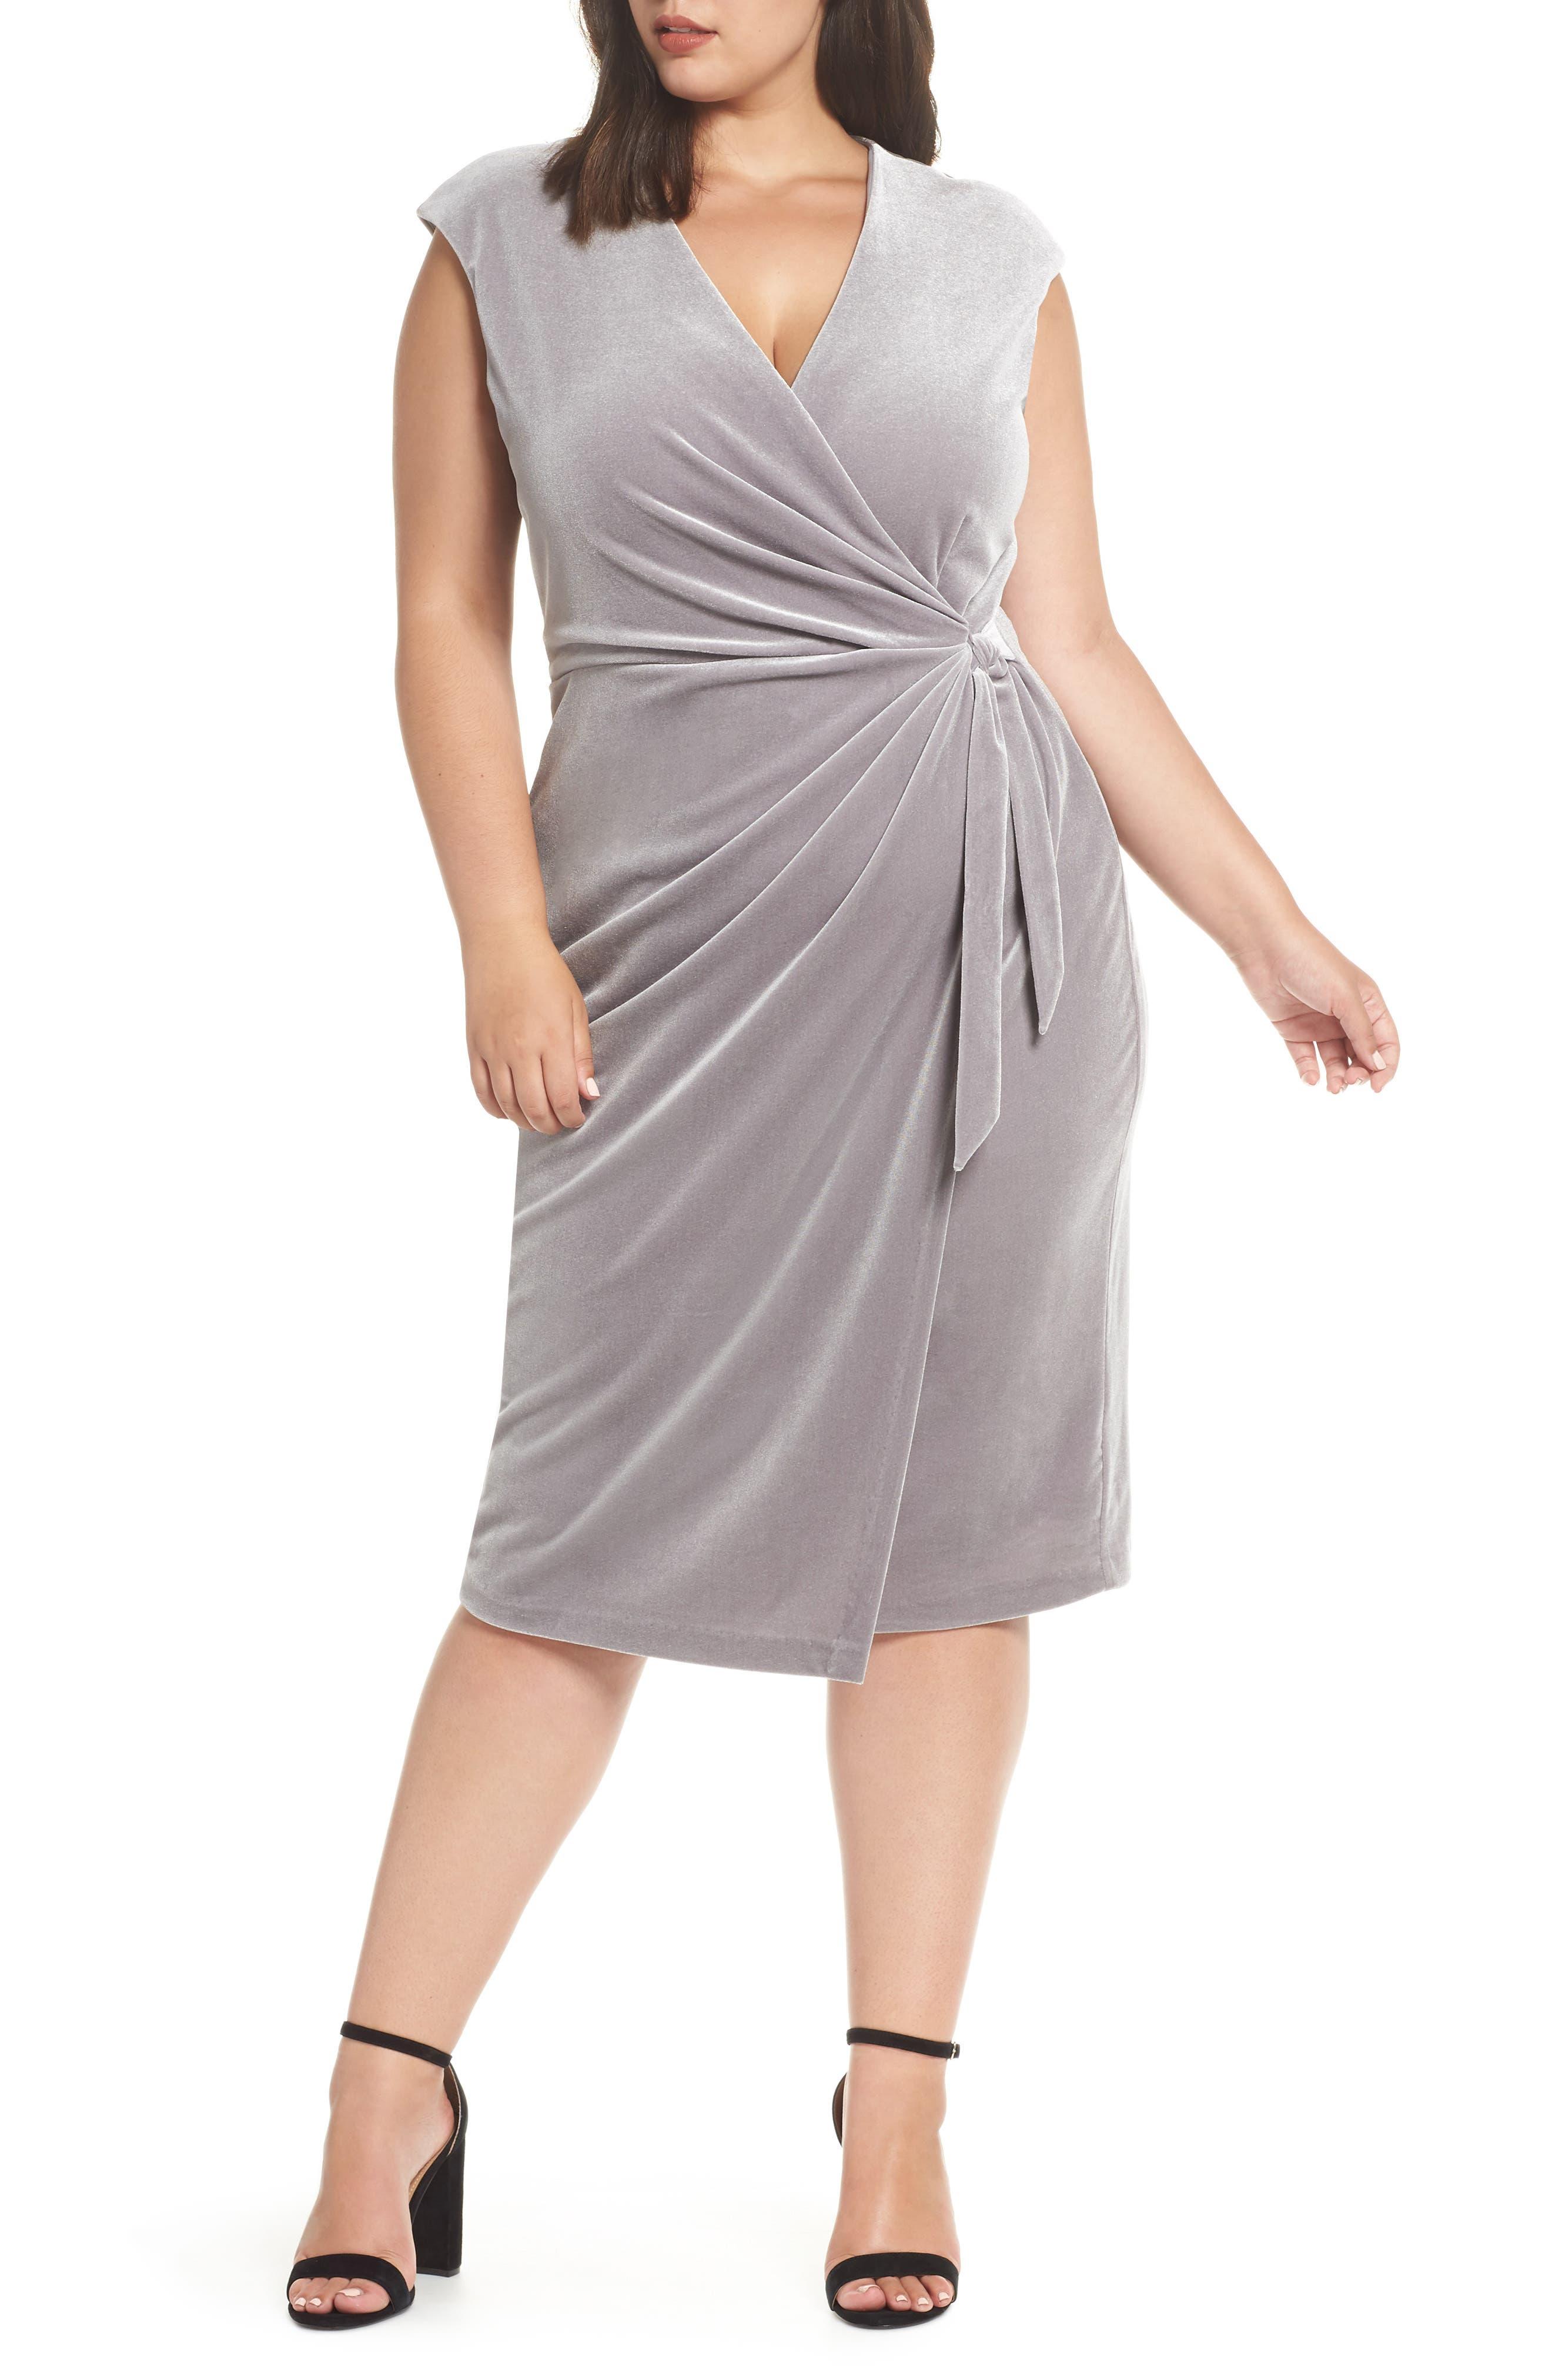 60s 70s Plus Size Dresses, Clothing, Costumes Plus Size Womens Maggy London Velvet Wrap Dress $88.80 AT vintagedancer.com